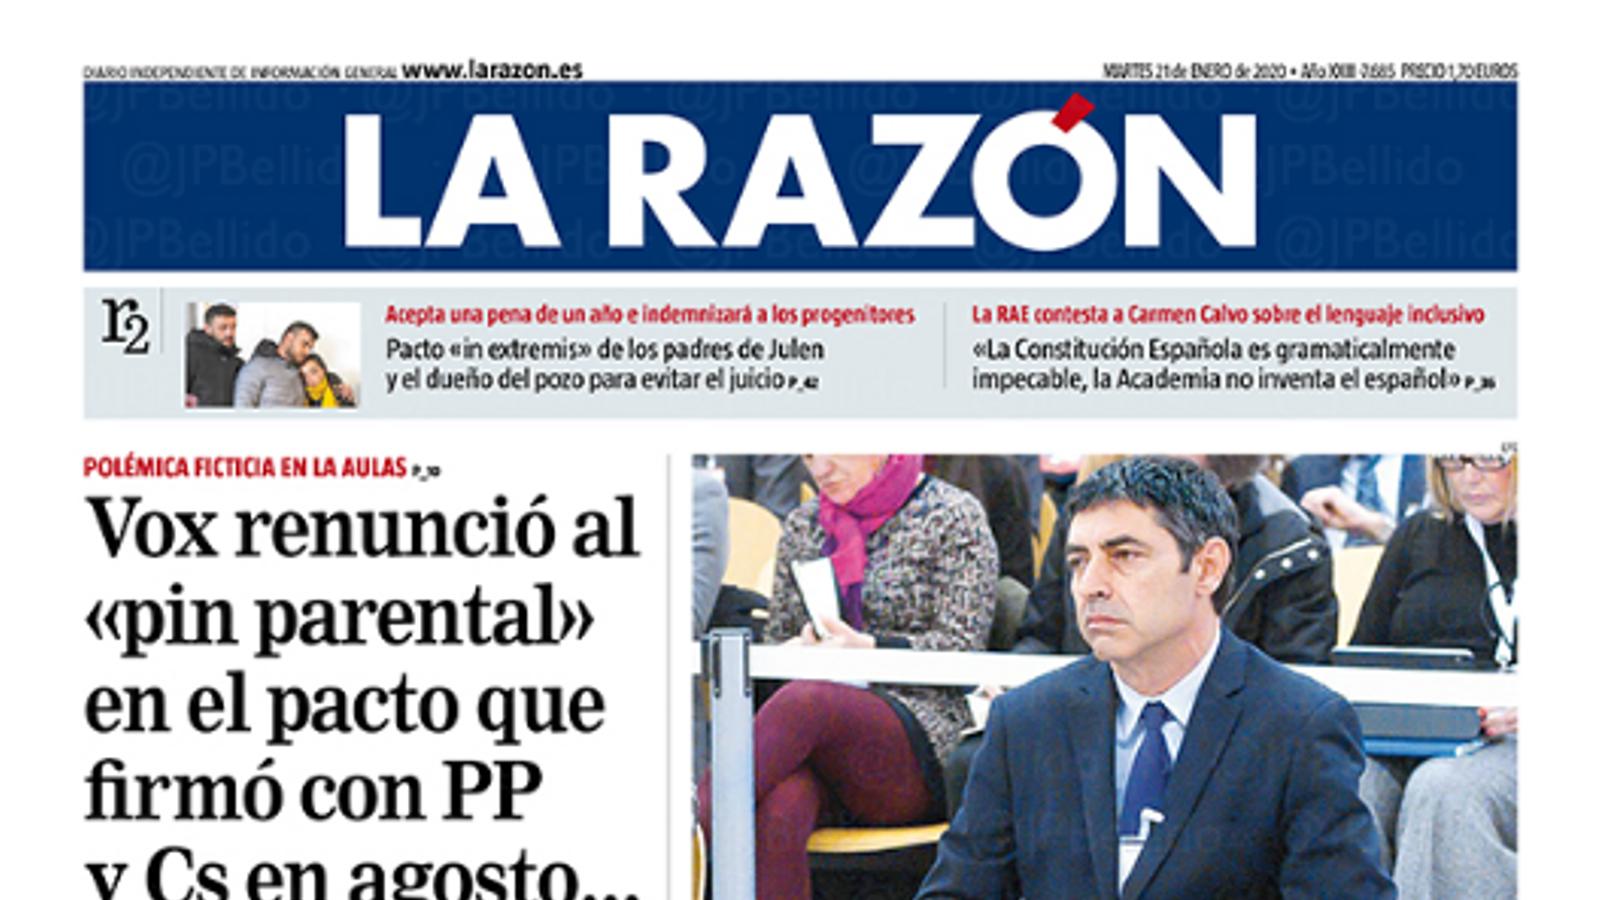 21/01/2020 La Razón